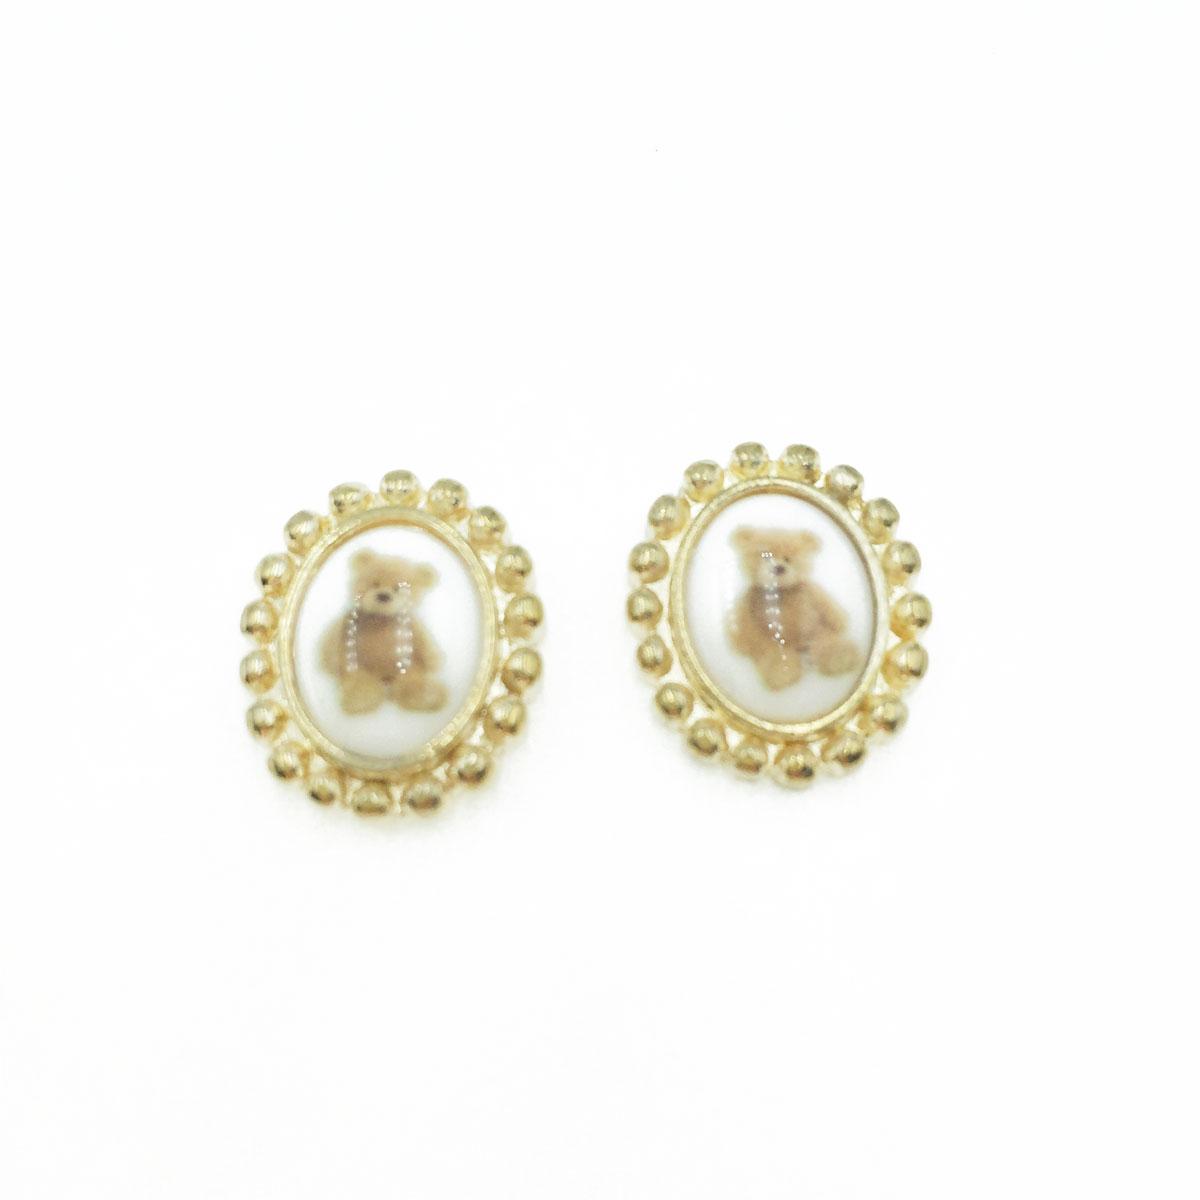 韓國 抗敏電鍍 金邊 橢圓 小熊 造型 耳針式耳環